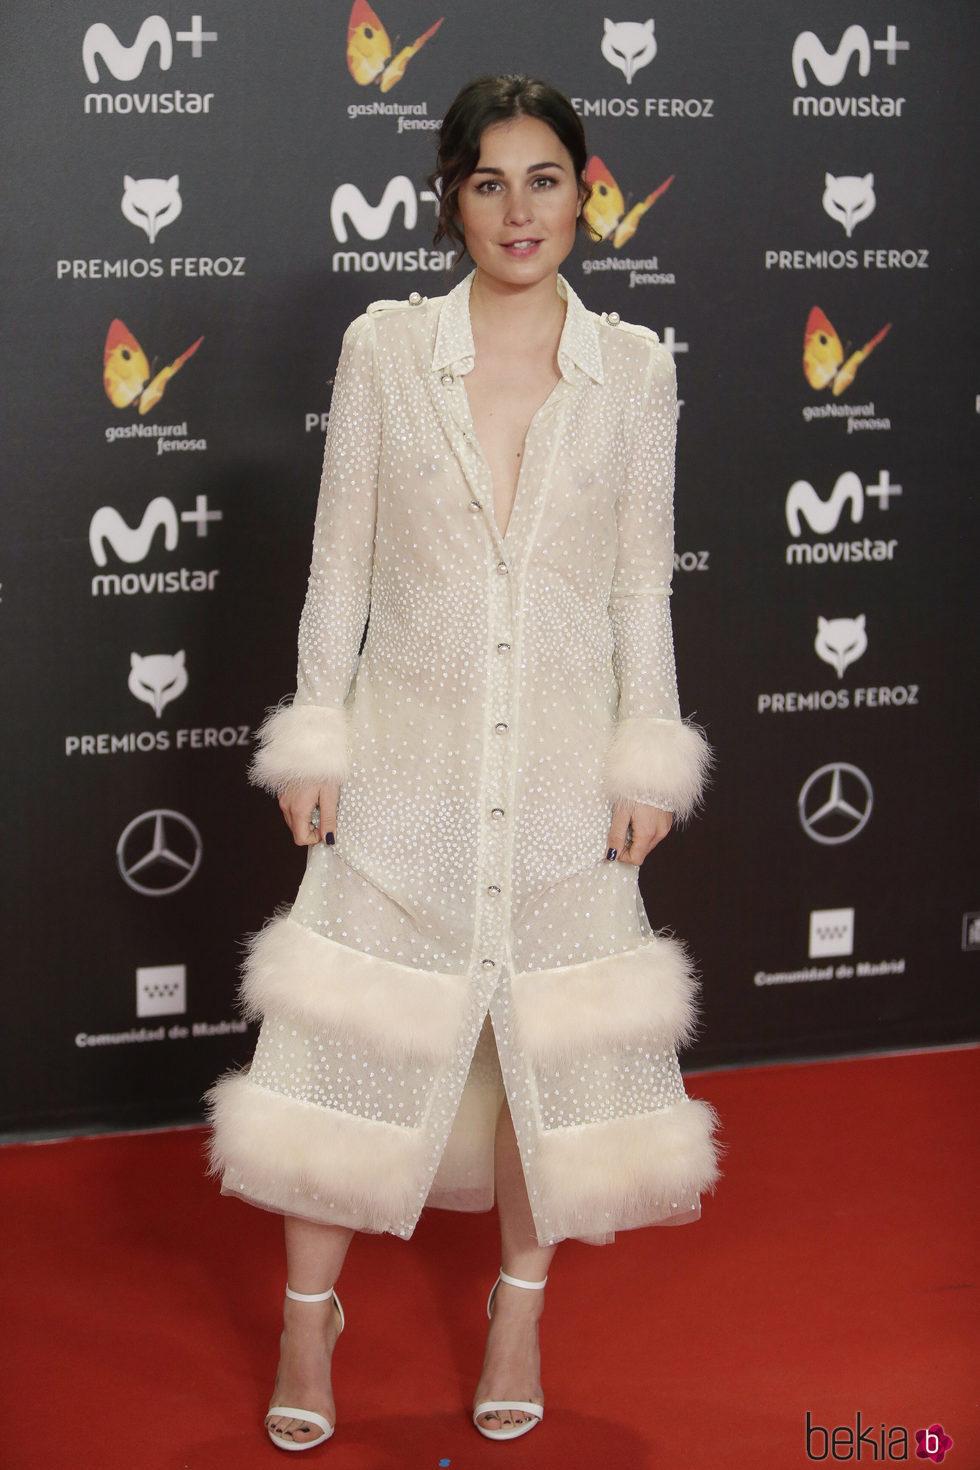 Nadia de Santiago en la alfombra roja de los Premios Feroz 2018